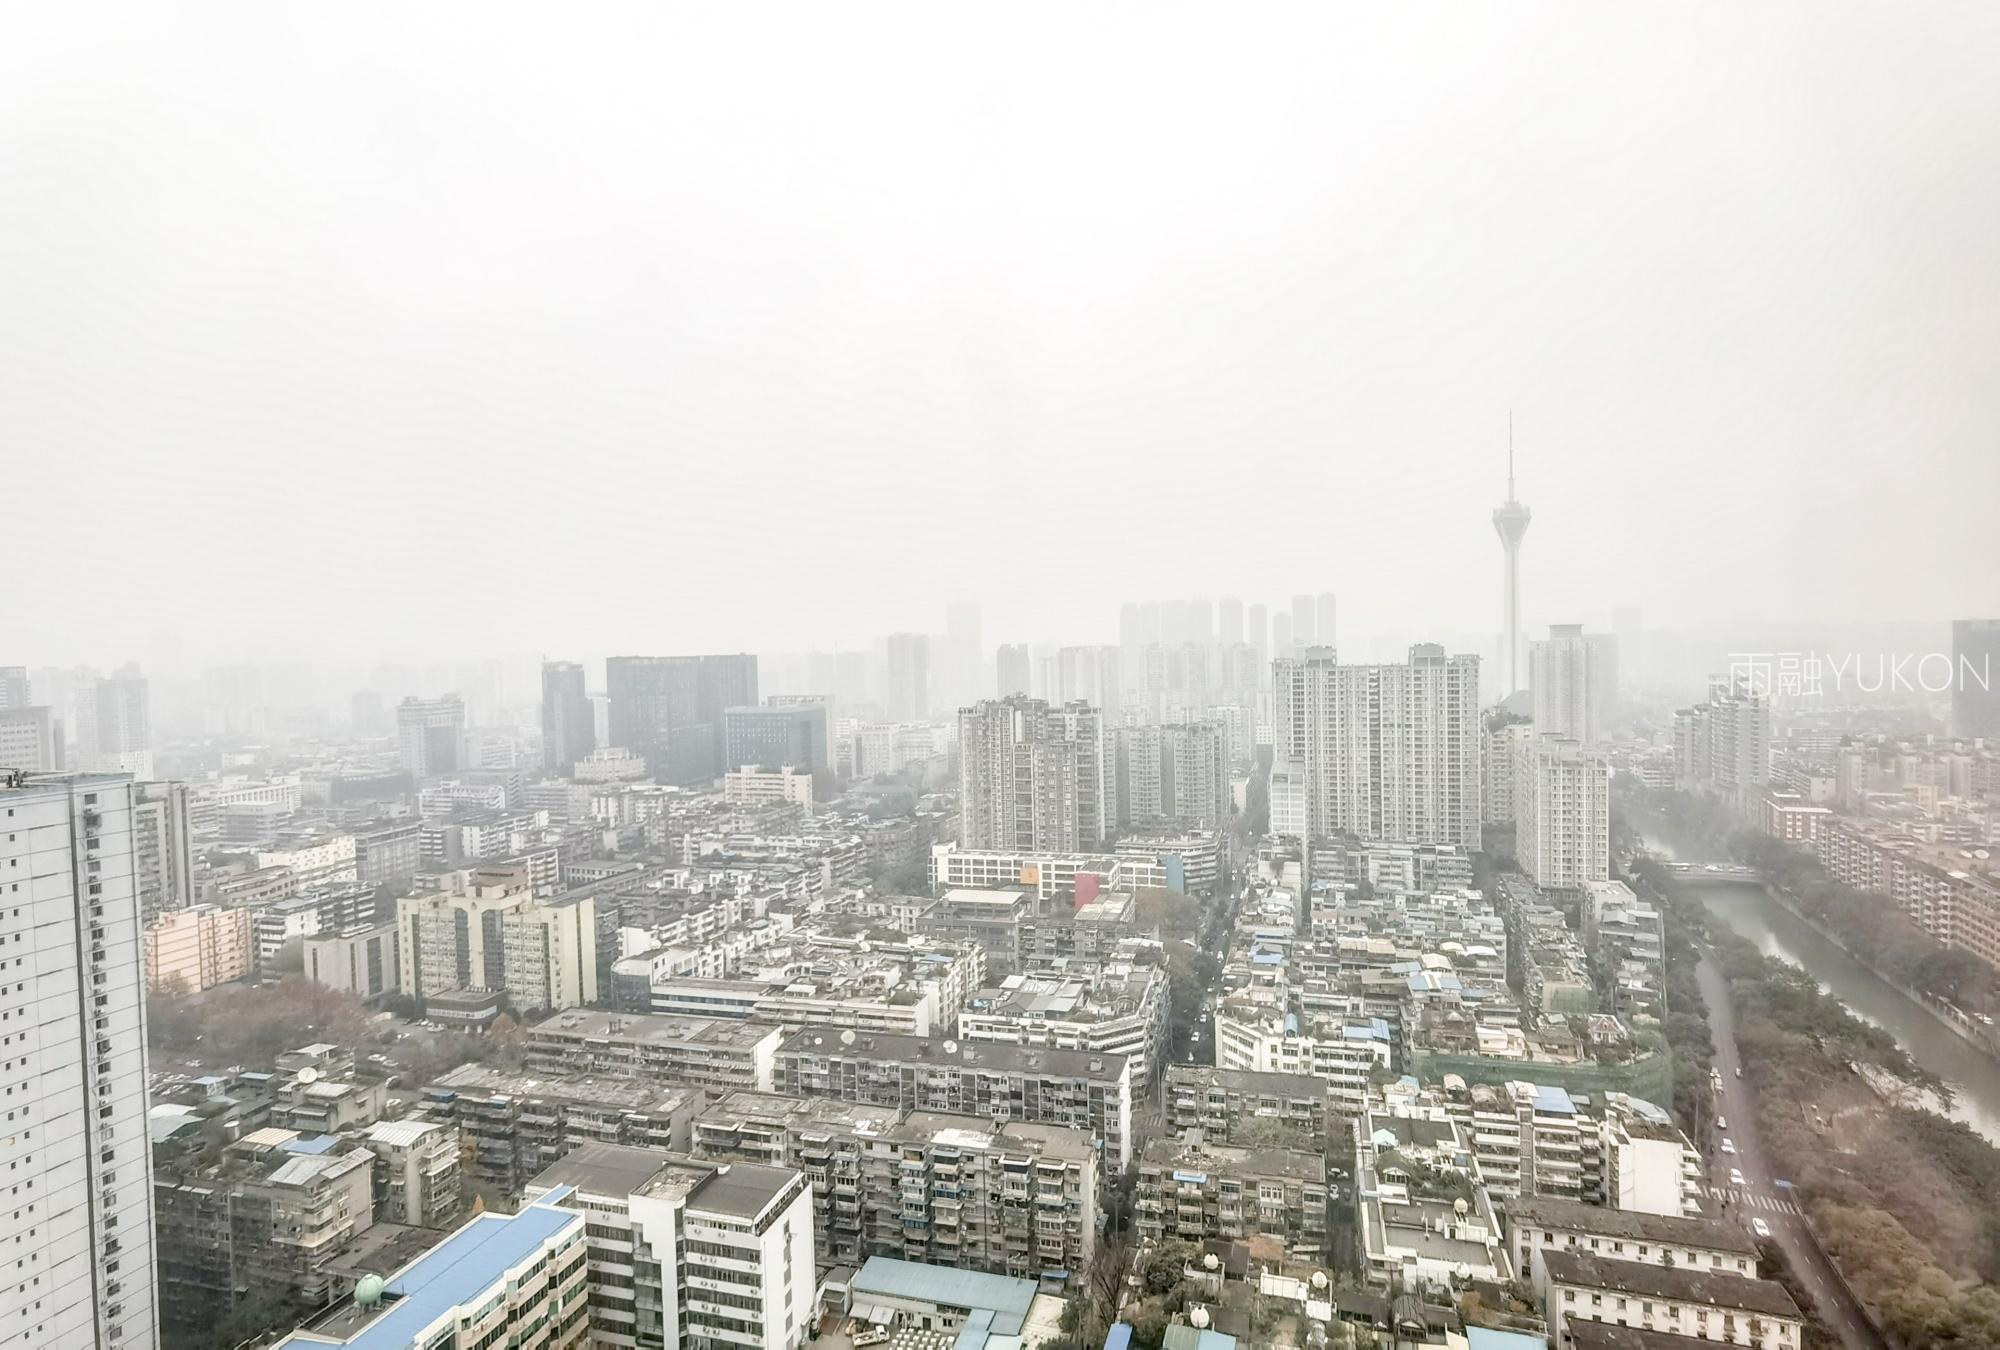 原创             新一线中最强势的城市:坐拥全省1/3经济,比武汉在湖北还强势